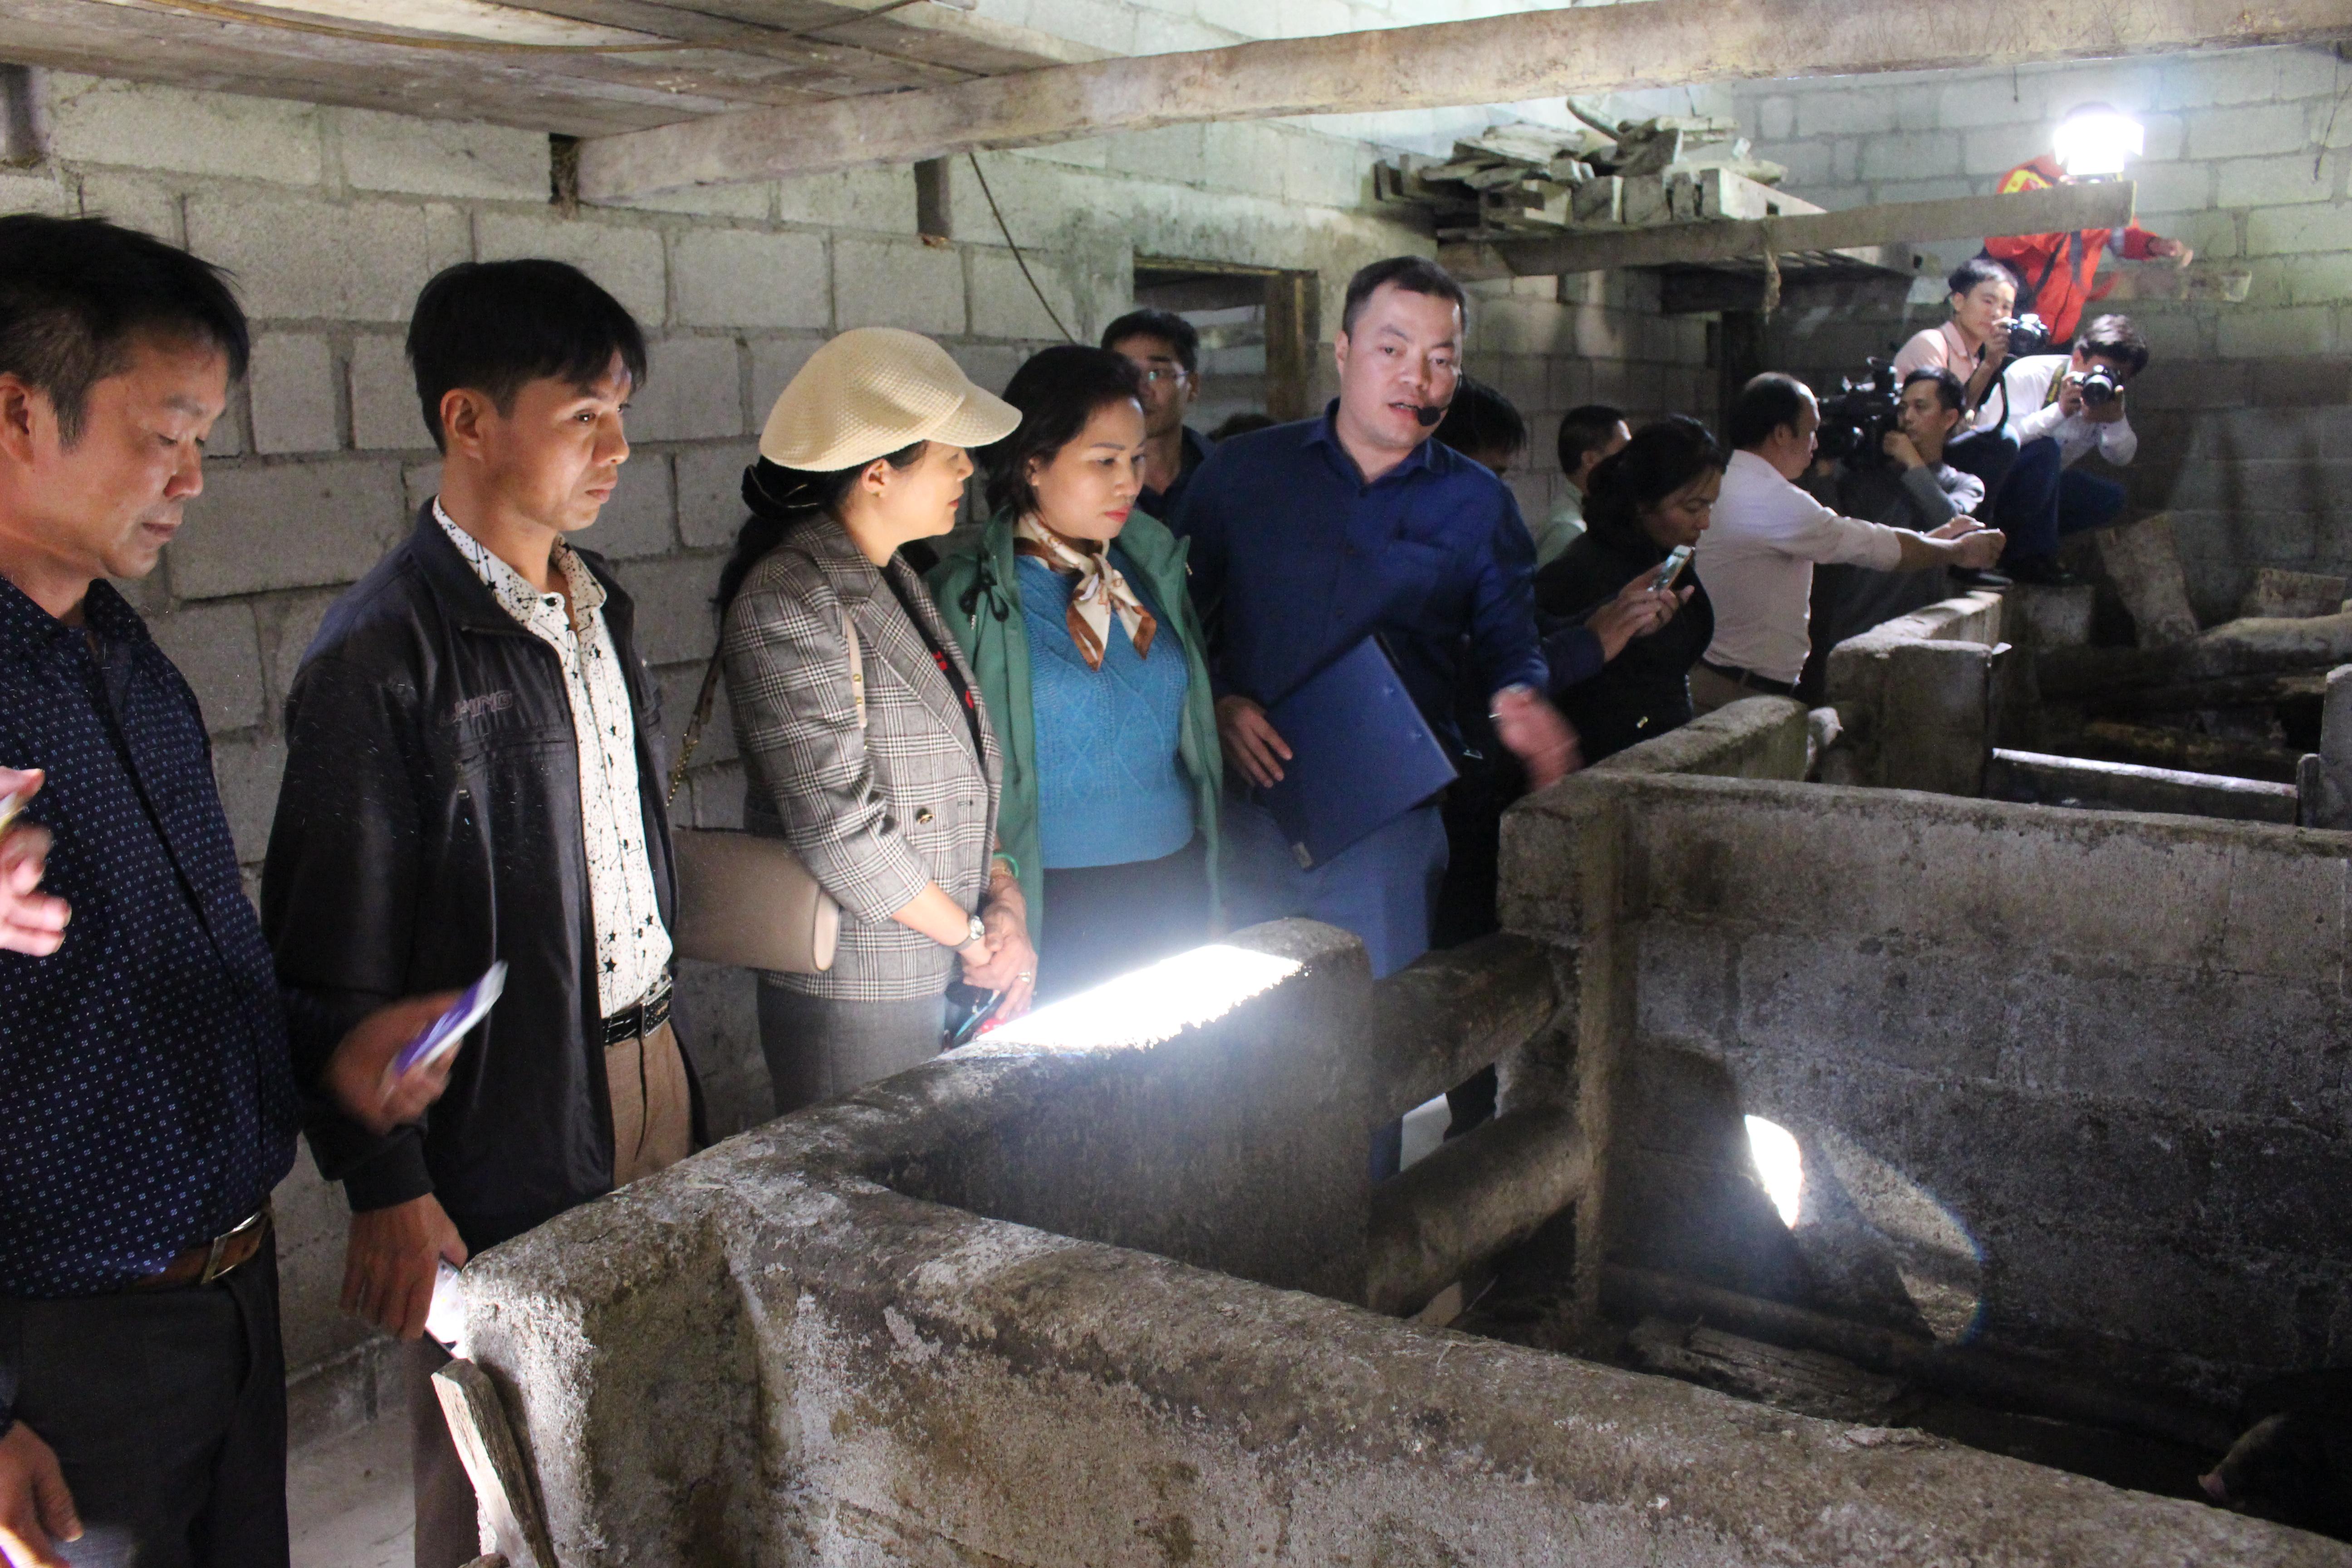 Đại biểu các tỉnh đến thăm quan mô hình chăn nuôi lợn sinh sản giống bản địa (lợn Lũng Pù) tại xã Cán Chu Phìn, huyện Mèo vạc.